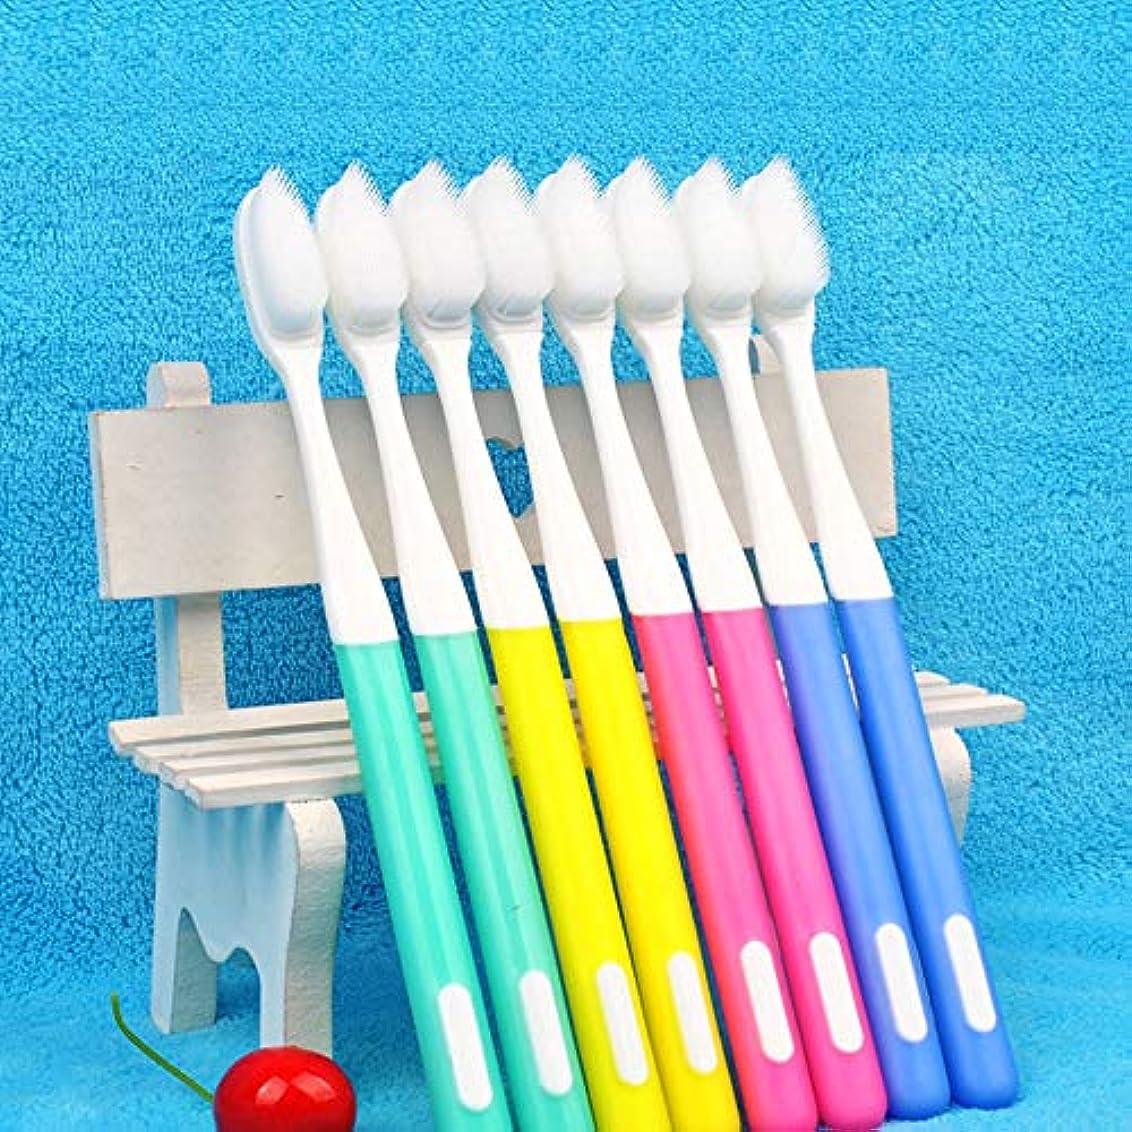 顎偶然のトラクター歯ブラシ 歯ブラシを使用するには、全体の家族のために10パックナノ歯ブラシ、環境に優しいシリコーン歯ブラシ、 KHL (色 : A, サイズ : 10 packs)